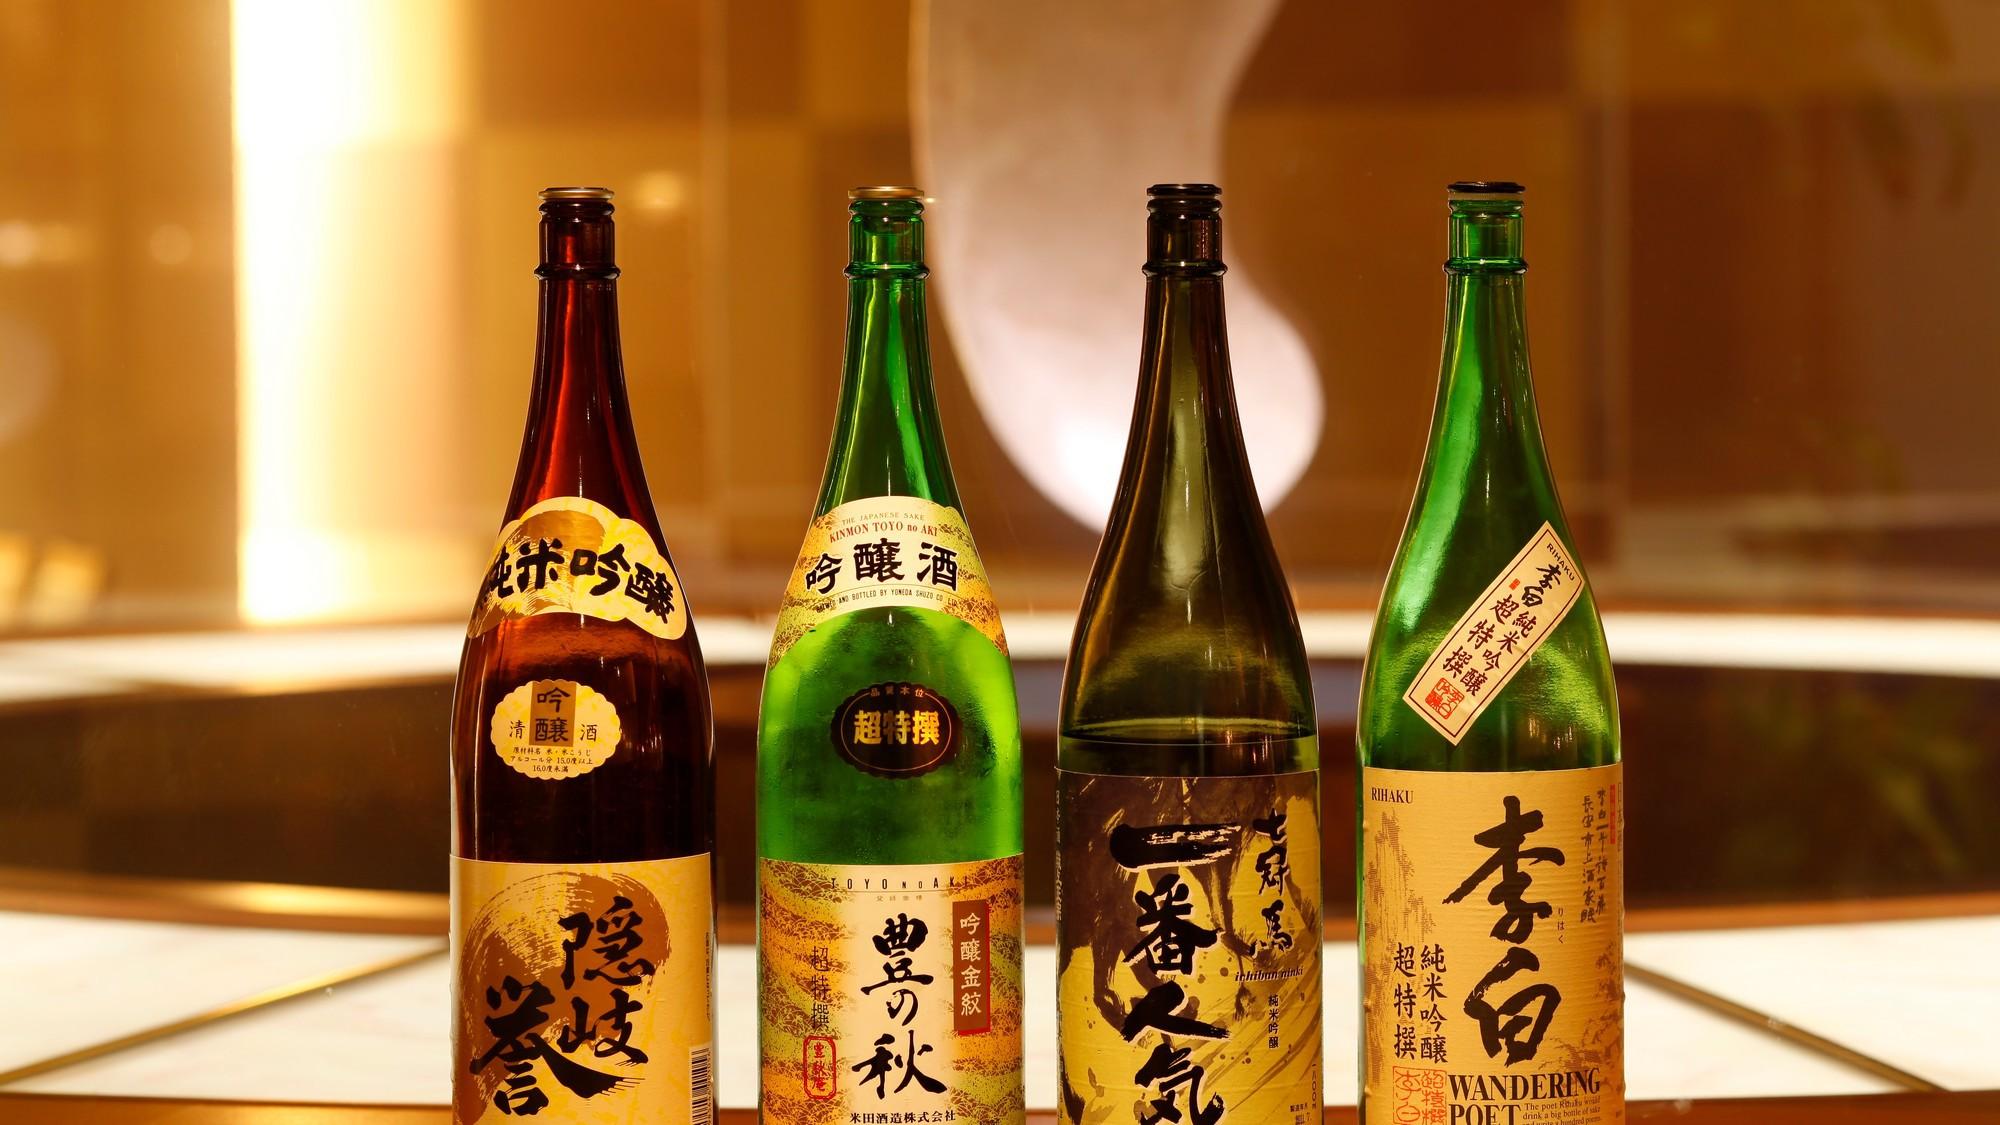 地元酒蔵で作られた地酒を中心に幅広くご用意してます。【和風ダイニング「出雲」】